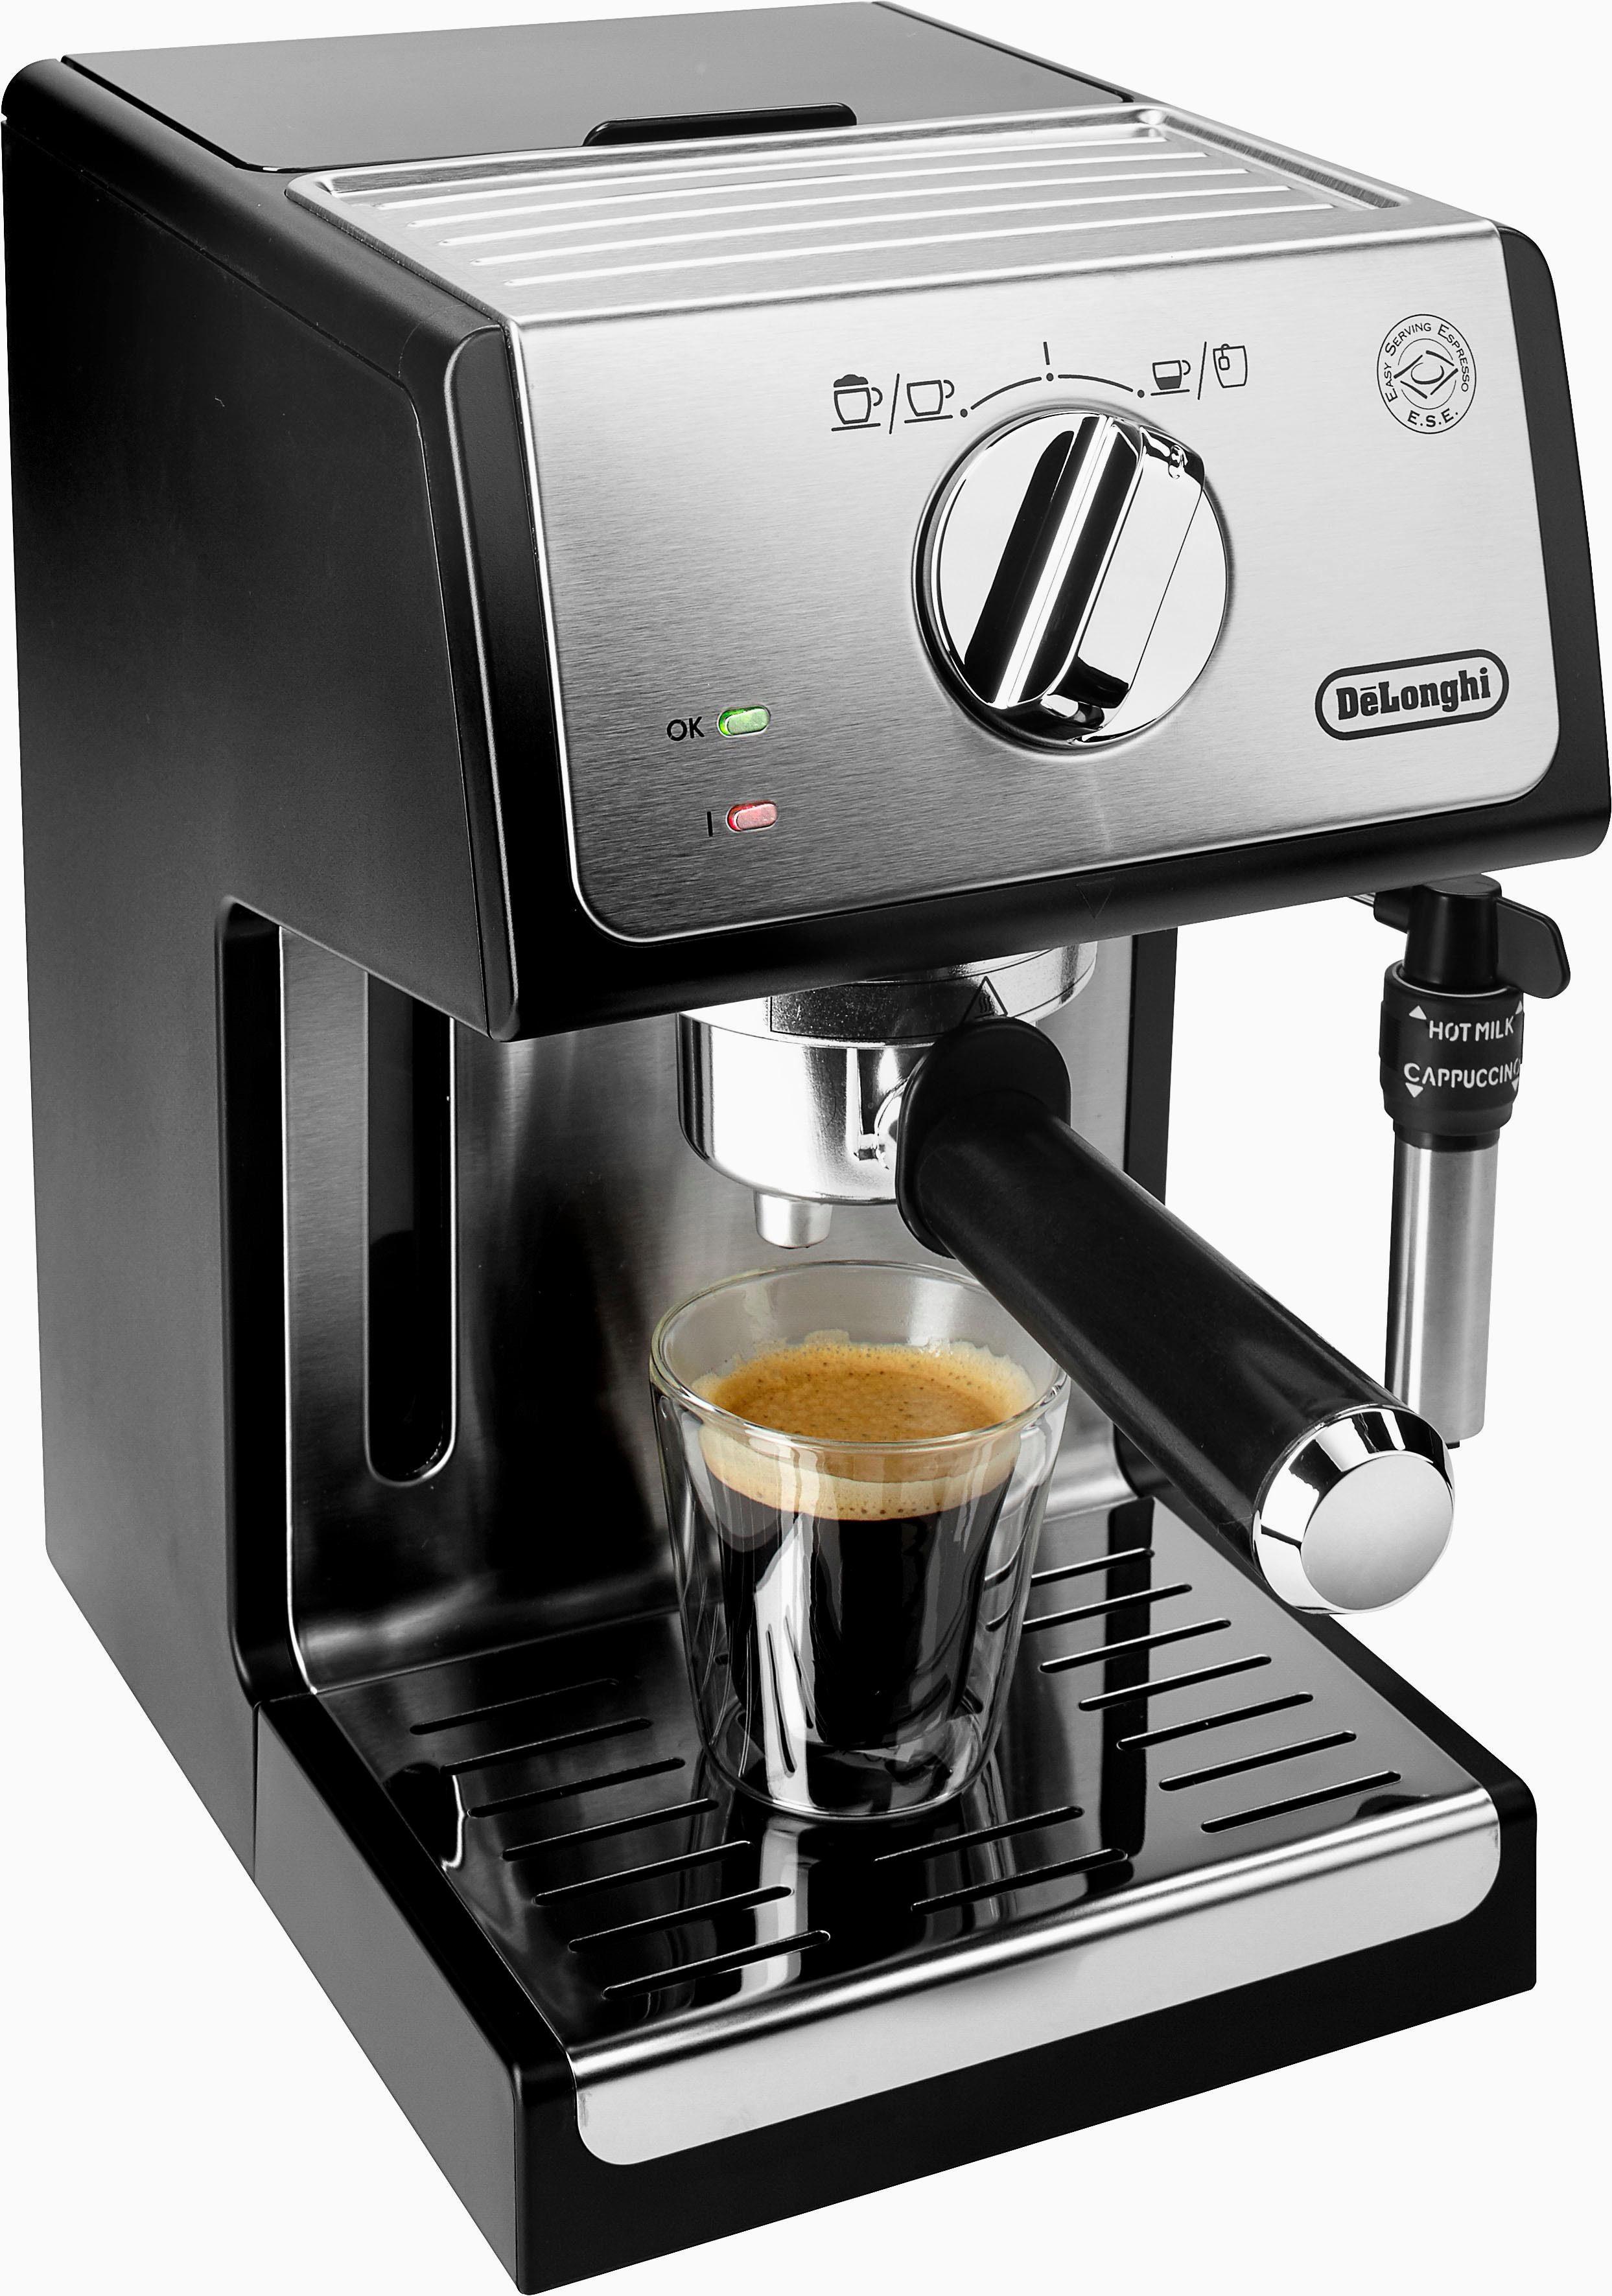 De'Longhi Traditionelle Espresso-/ Siebträgermaschine ECP 35.31, 15 Bar, silber-schwarz